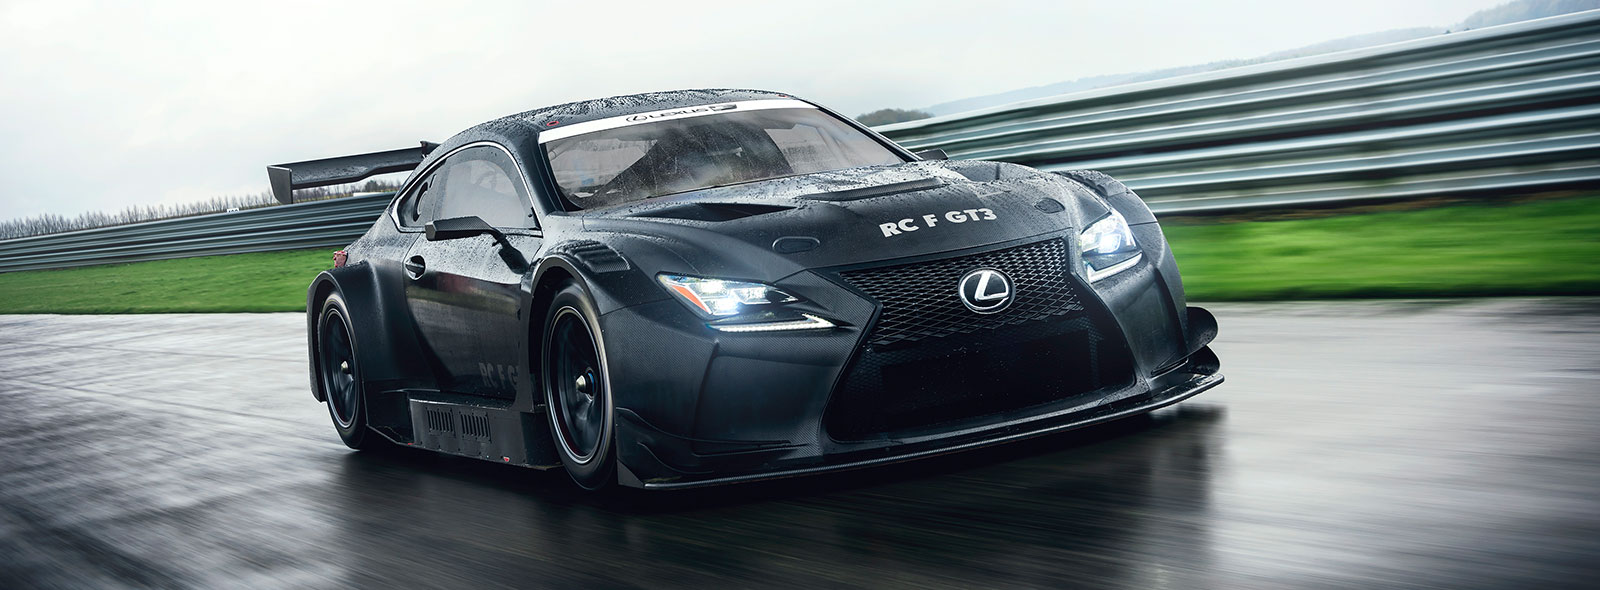 Lexus RC F GT3 2017 exterieur schuin voor op circuit